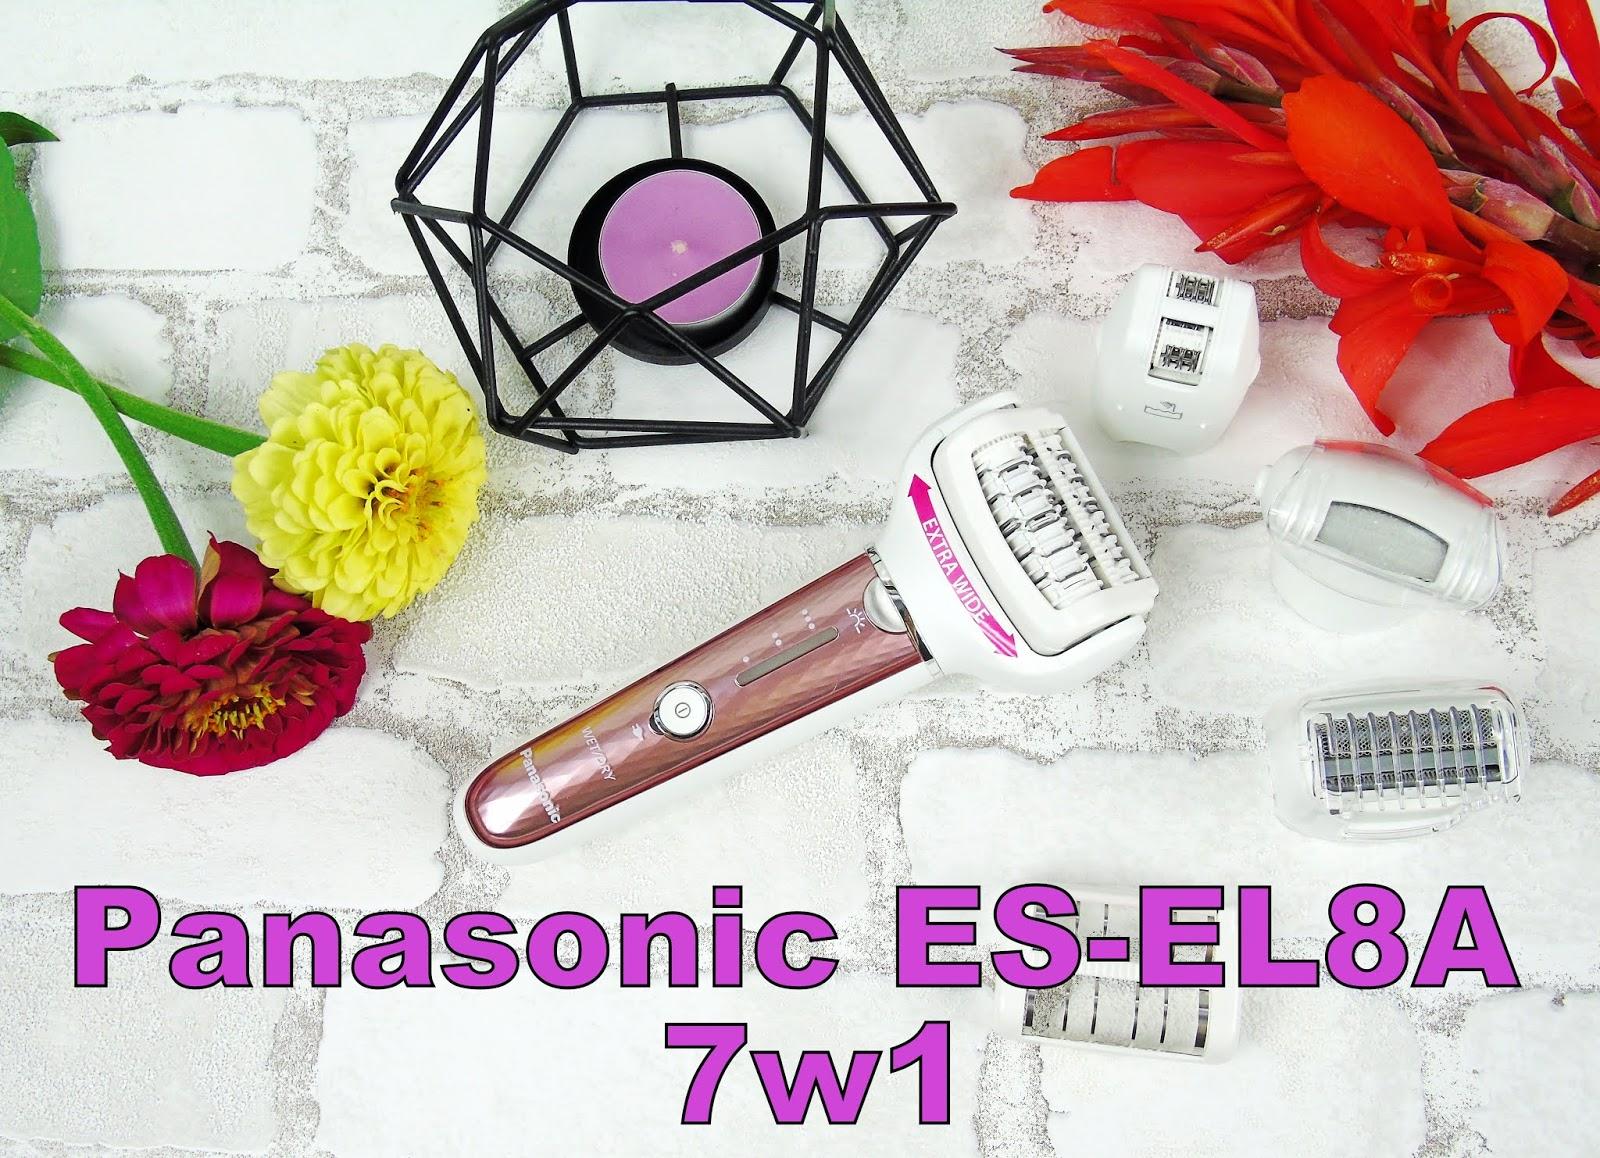 Depilator wielofunkcyjny ES-EL8A marki PANASONIC - Niezastąpione urządzenie pielęgnacyjne dla każdej kobiety